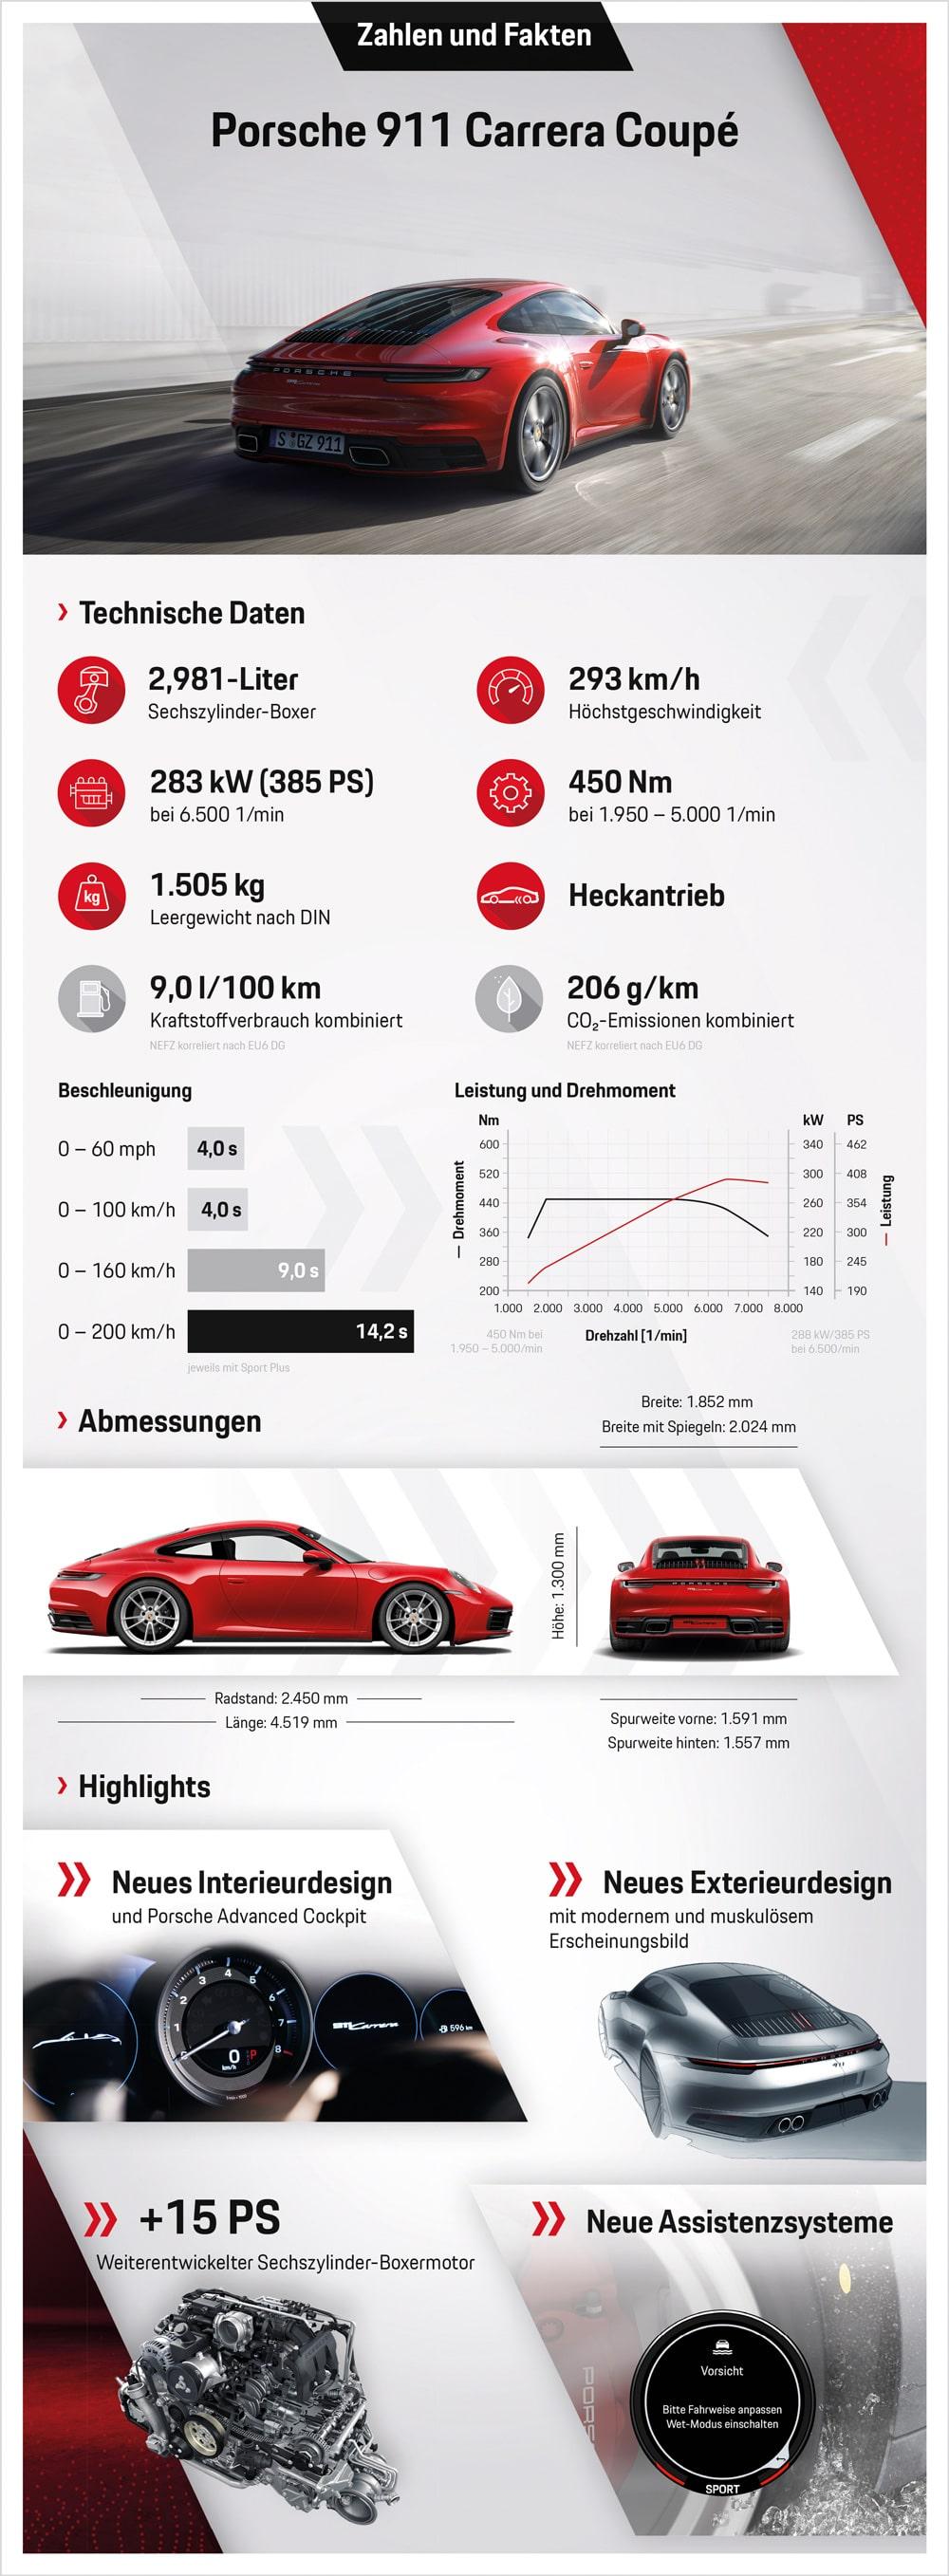 Porsche 911 Carrera Coupe Zahlen & Fakten auf einen Blick © Porsche AG